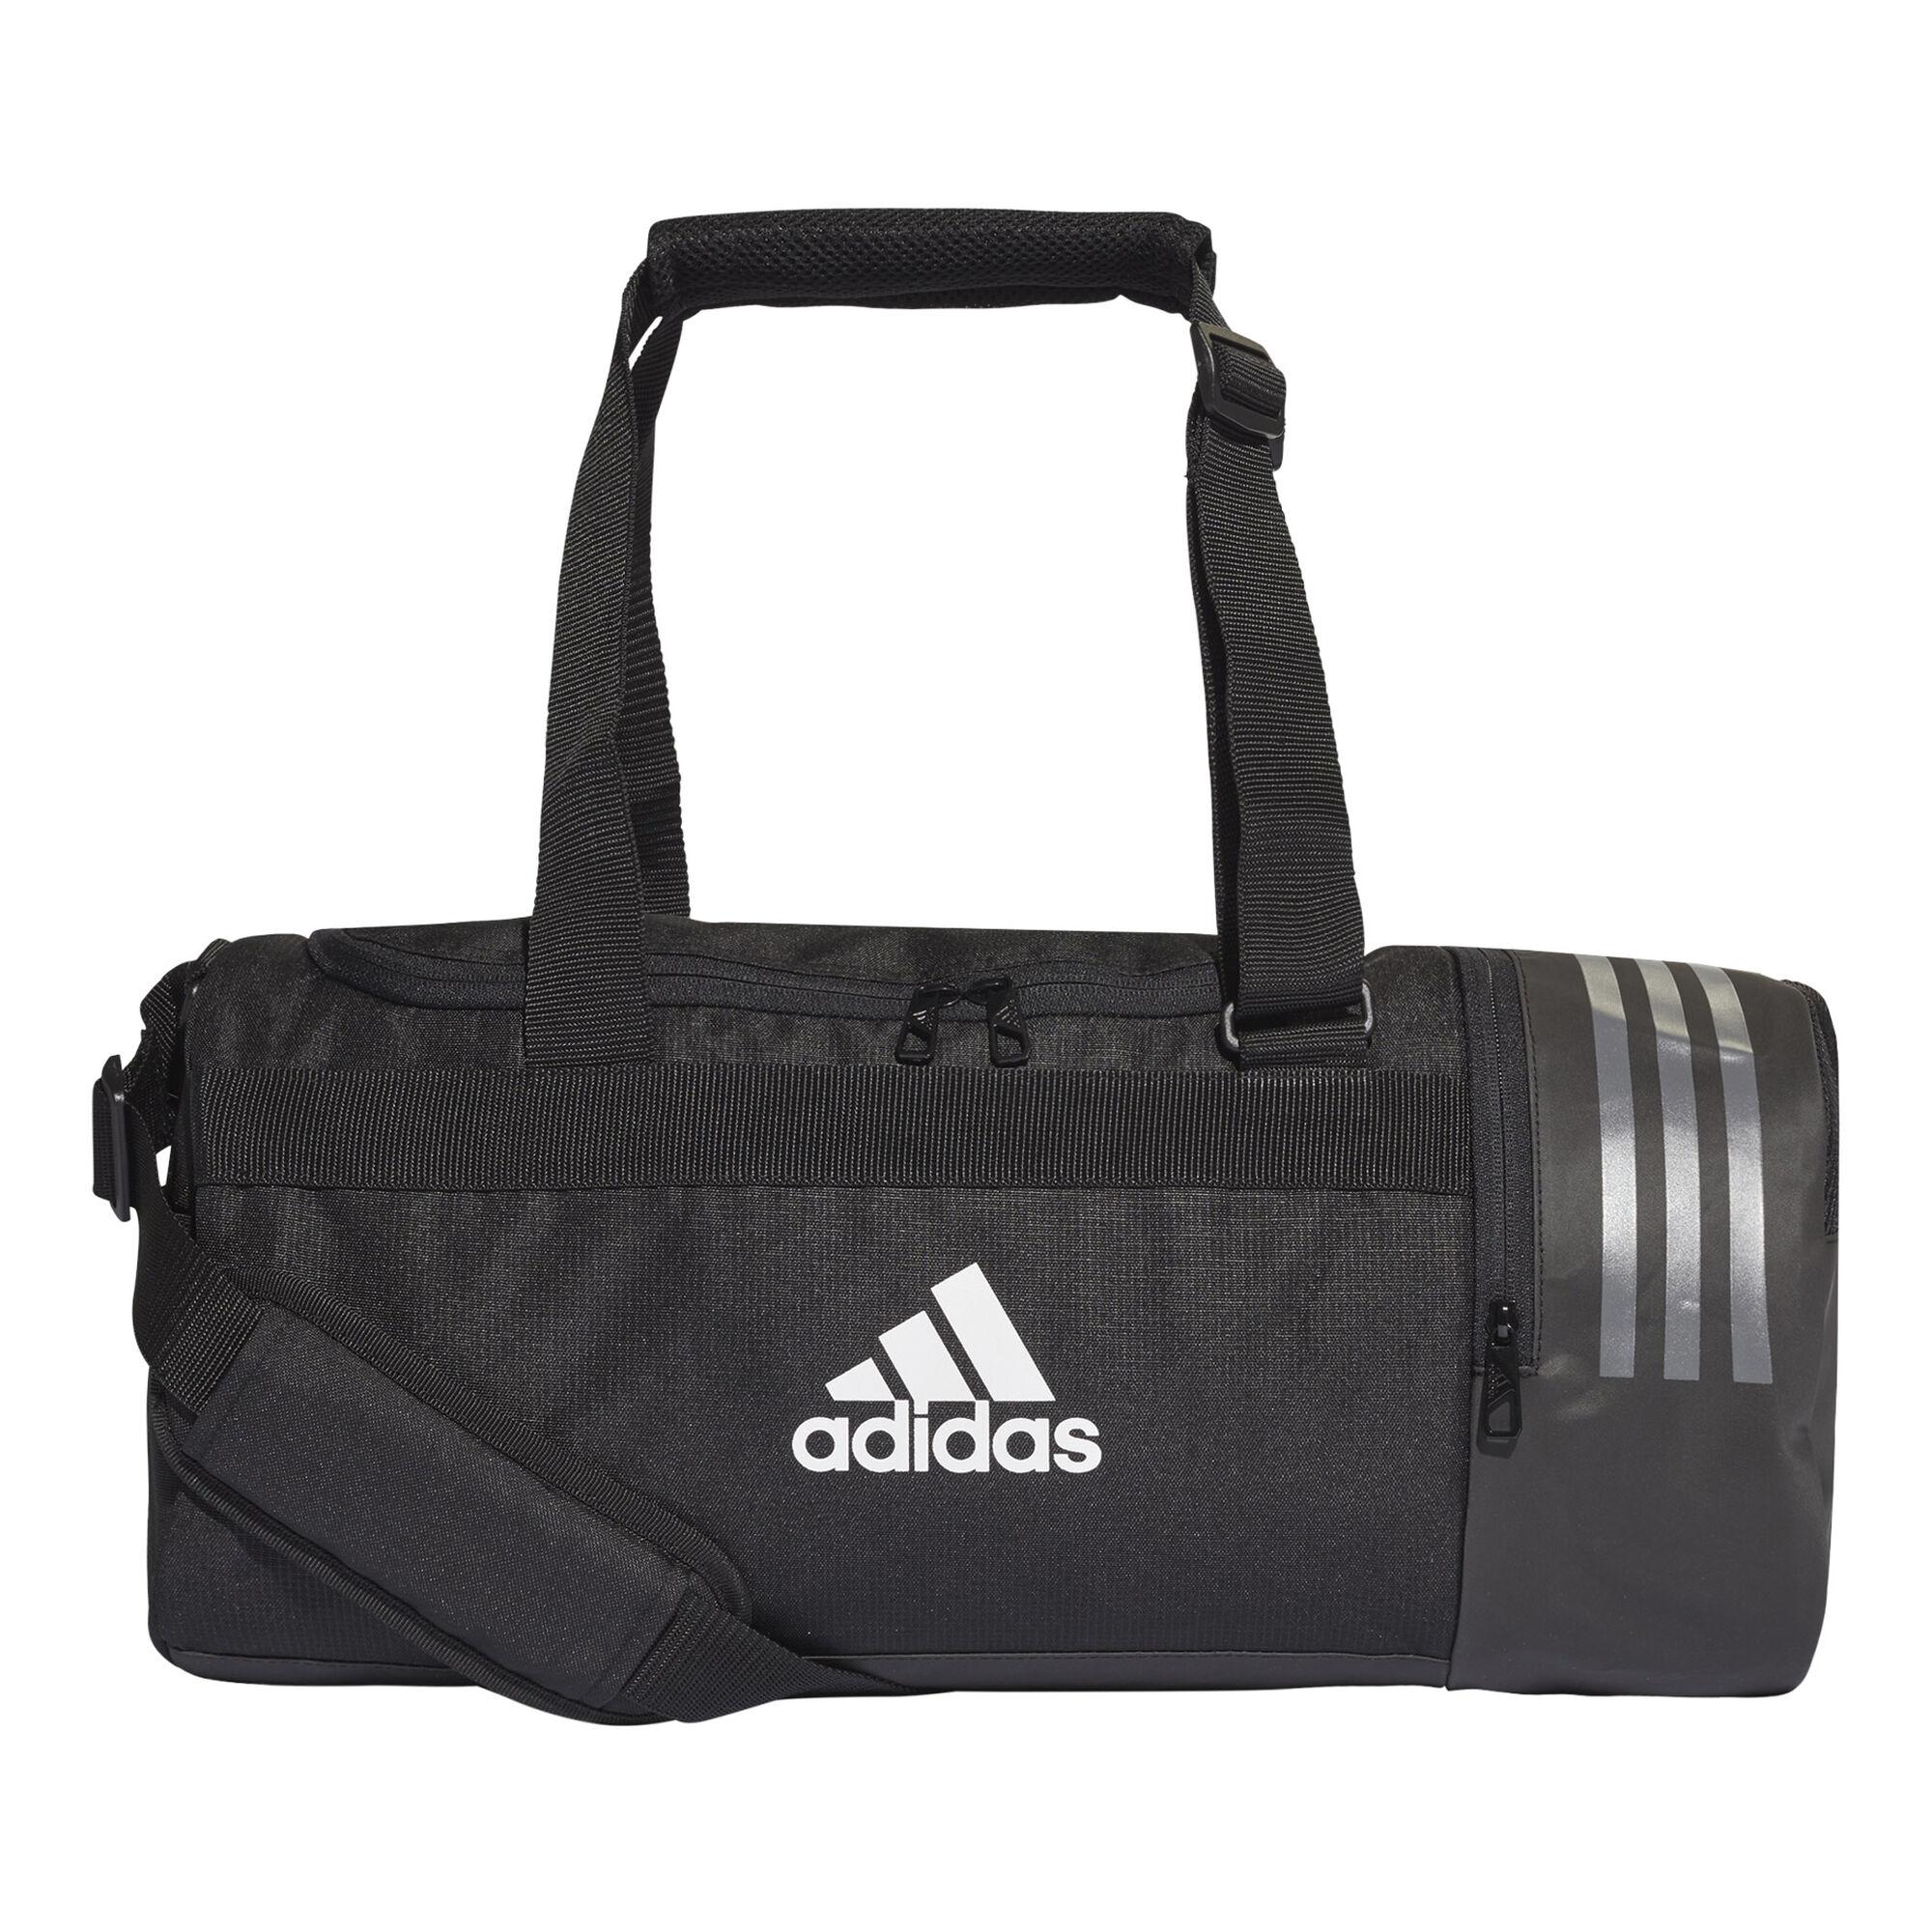 38fb38a6eb adidas  adidas  adidas  adidas  adidas  adidas  adidas  adidas  adidas   adidas. New Training Core Teambag Small ...